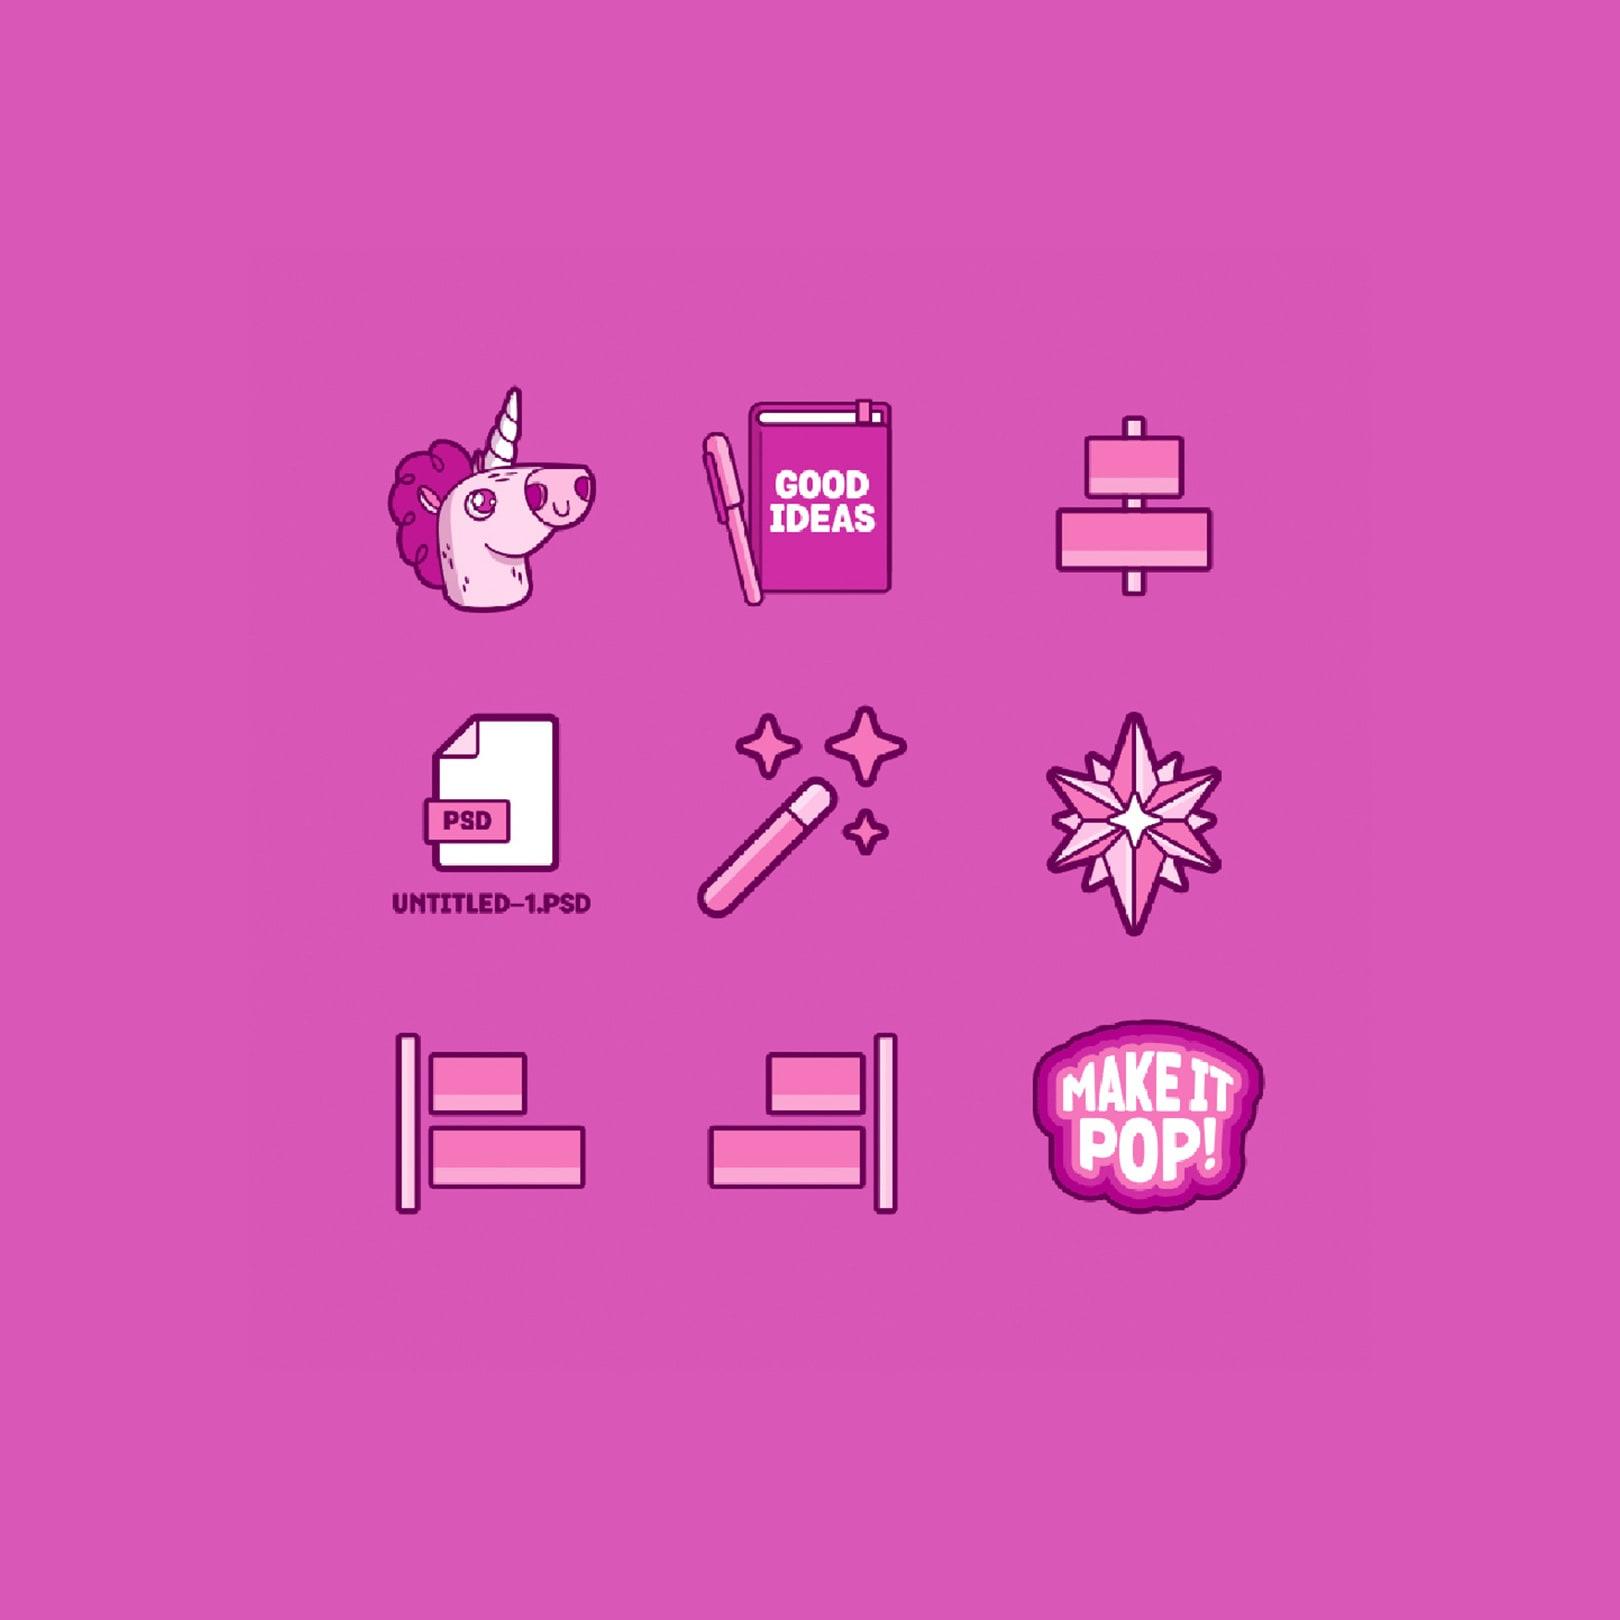 25 free Slack emojis your design team had no idea they needed